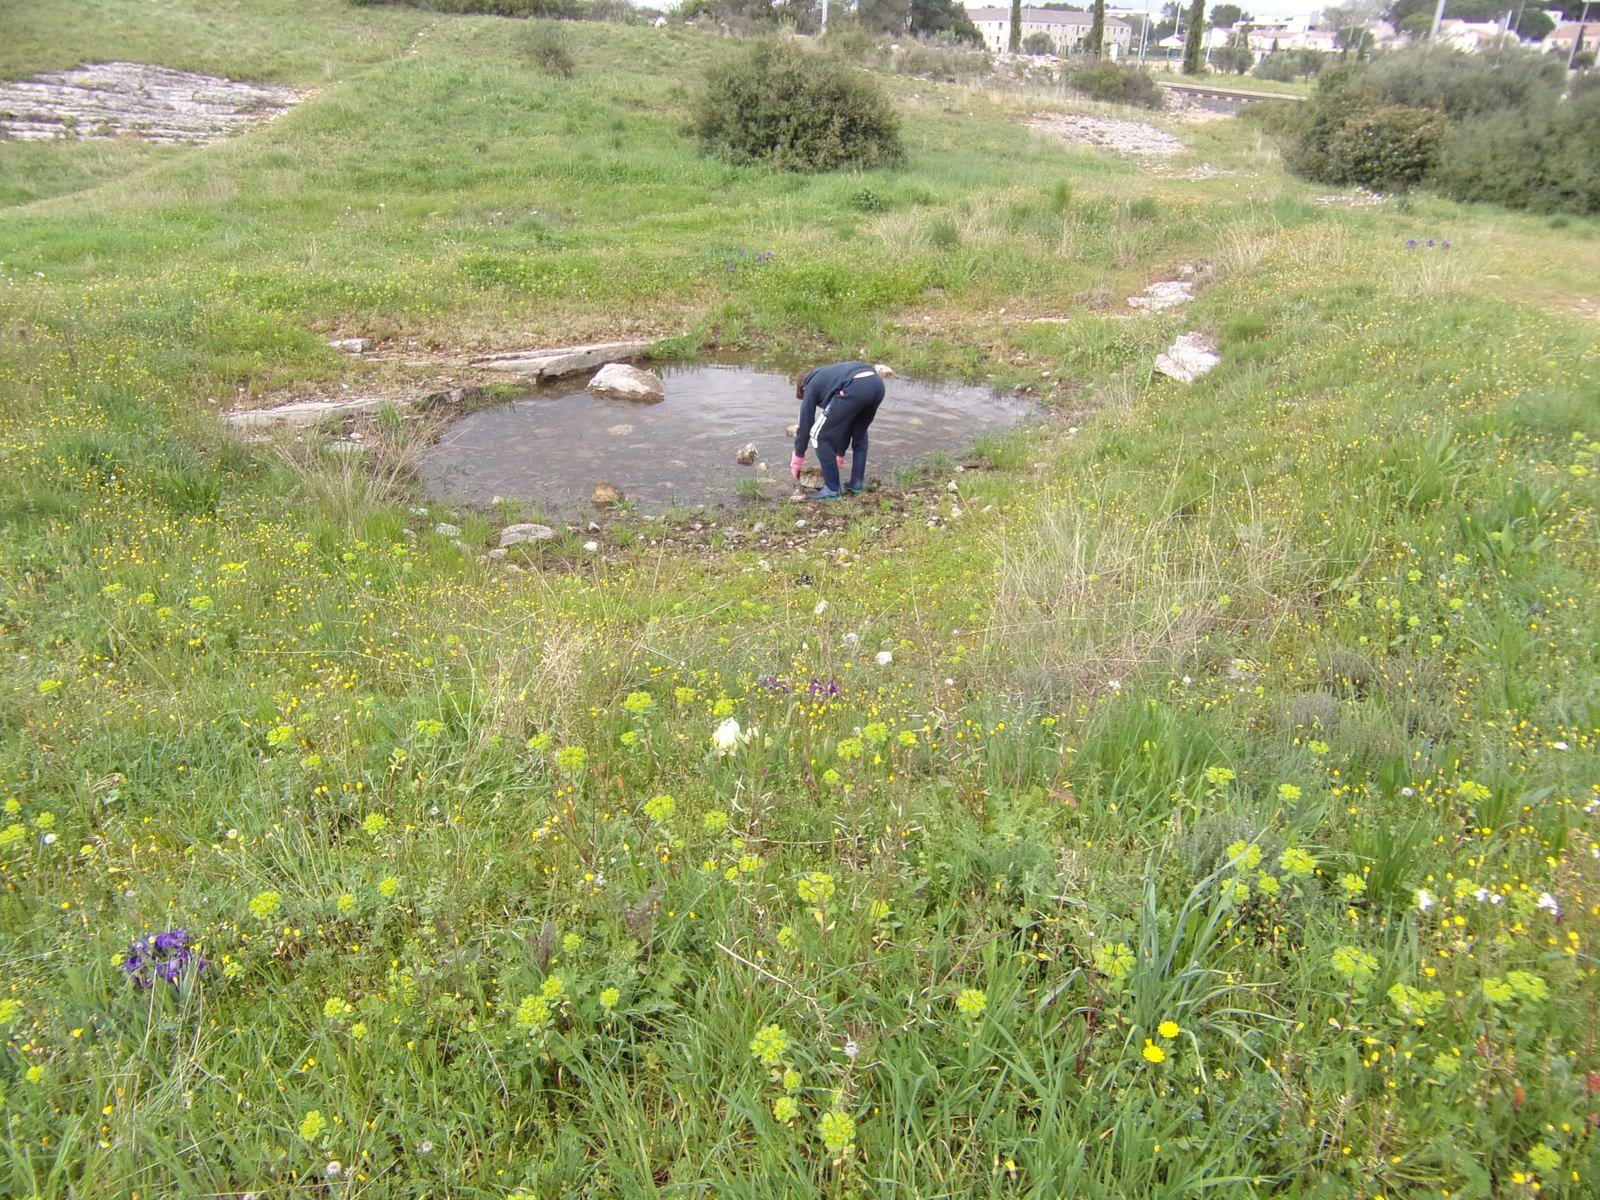 Balade sur la Via Domitia suivie d'un petit nettoyage